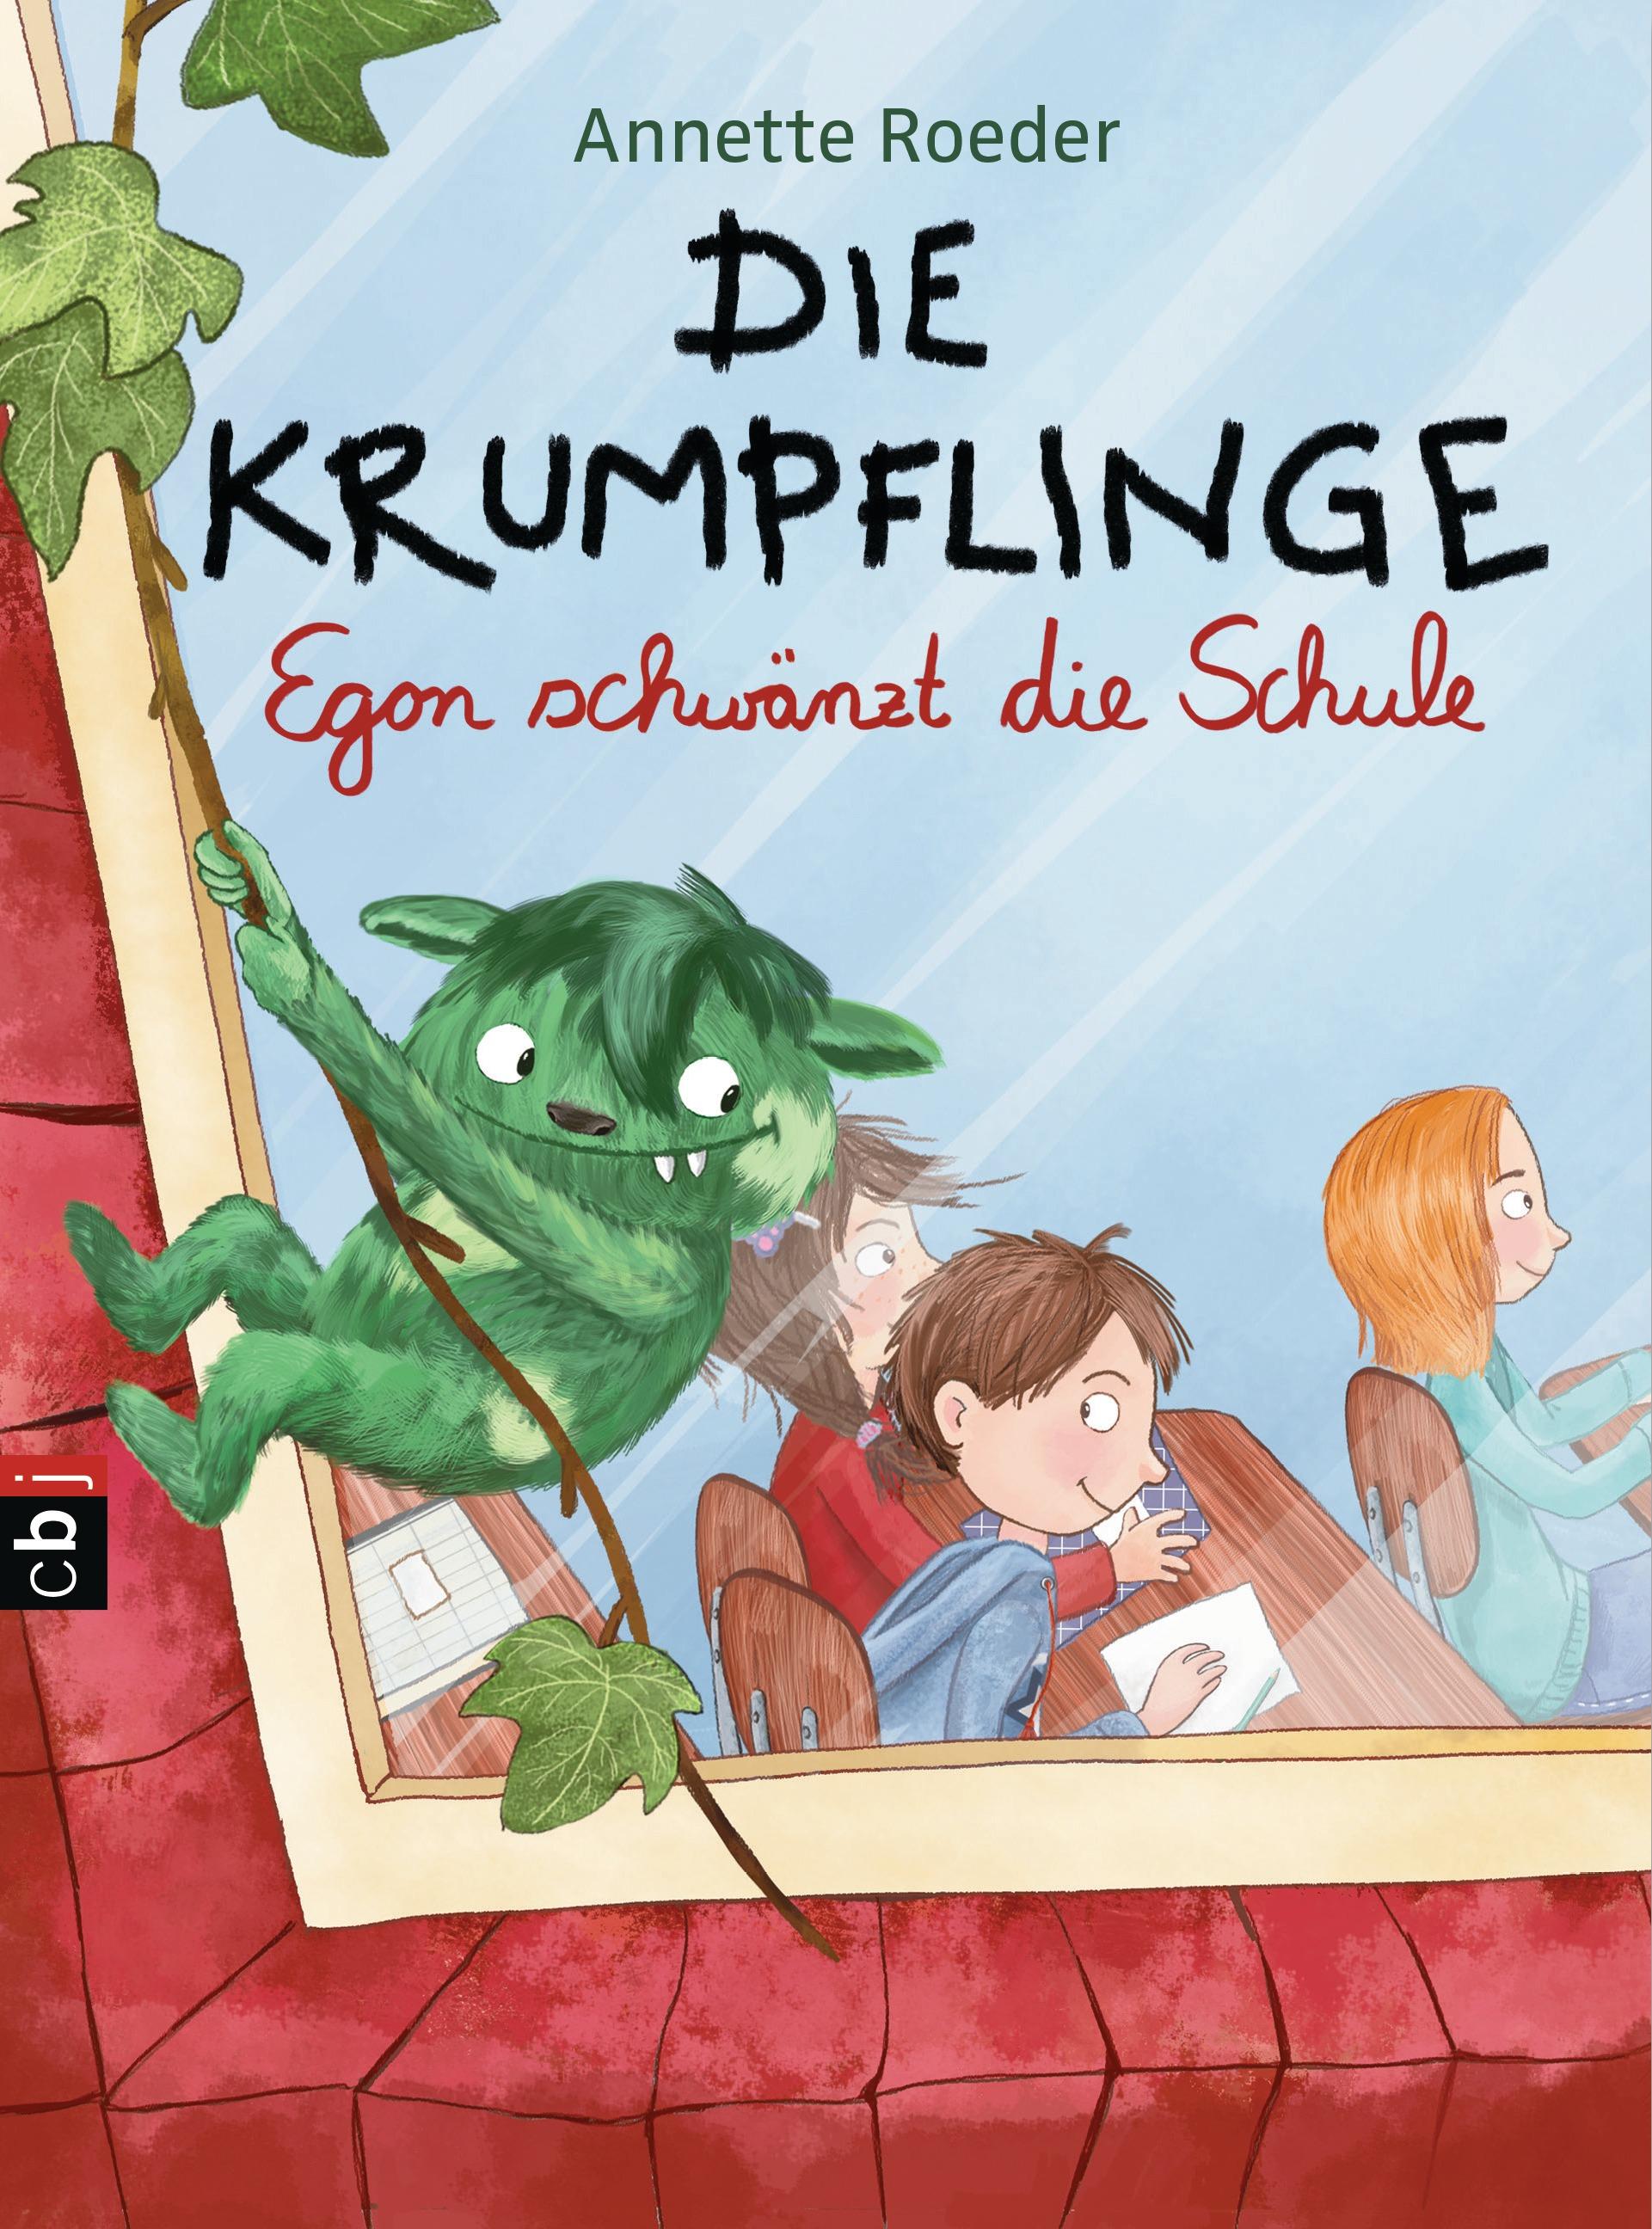 Die Krumpflinge: Band 3 - Egon schwänzt die Schule - Annette Roeder